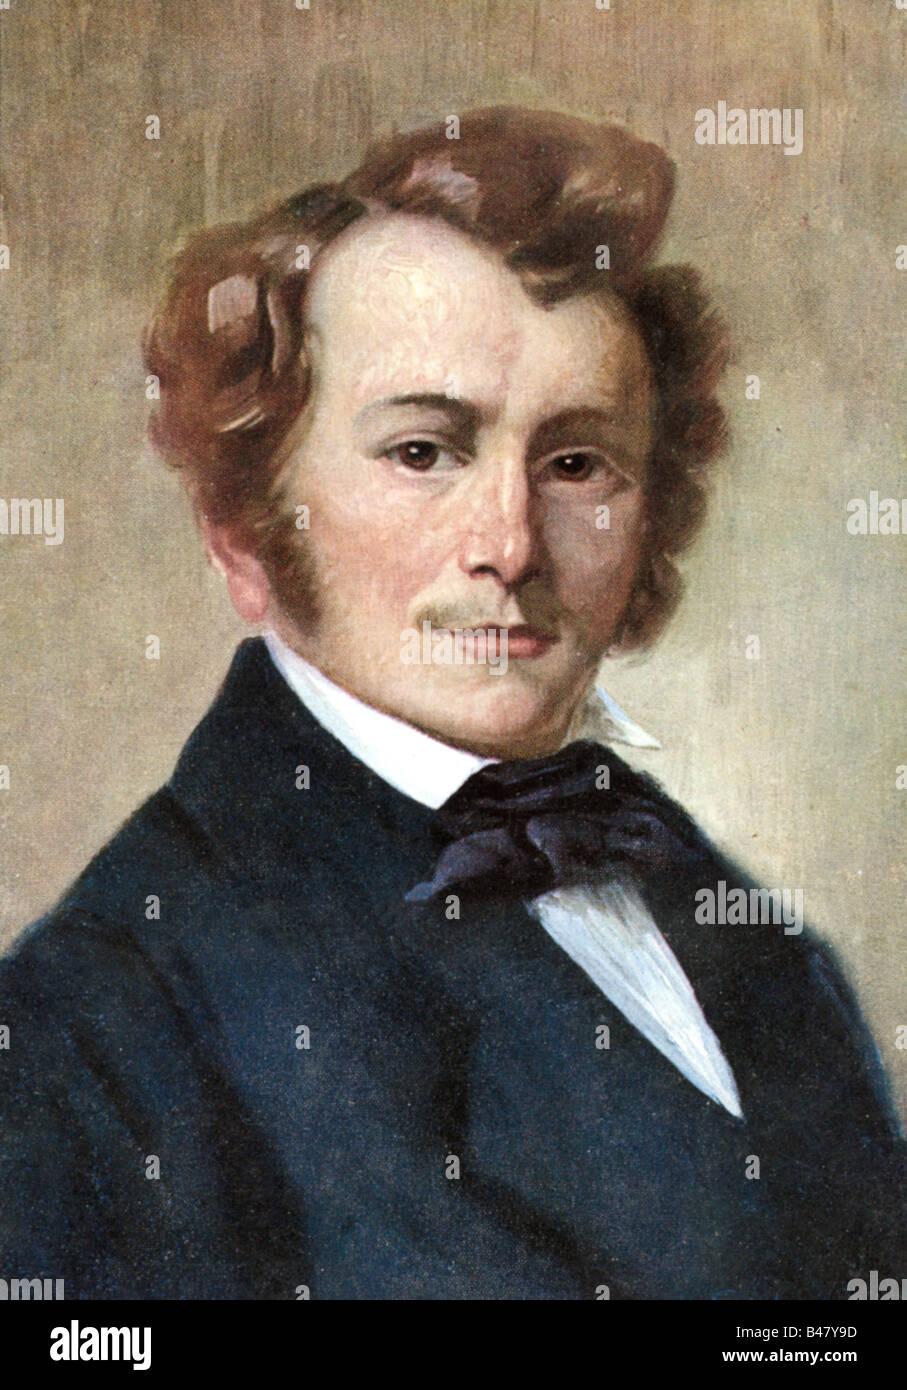 Lortzing, Albert, 23.10.1801 - 21.01.1851, compositeur allemand, portrait, peinture de Robert Einhorn, vers 1910, Banque D'Images